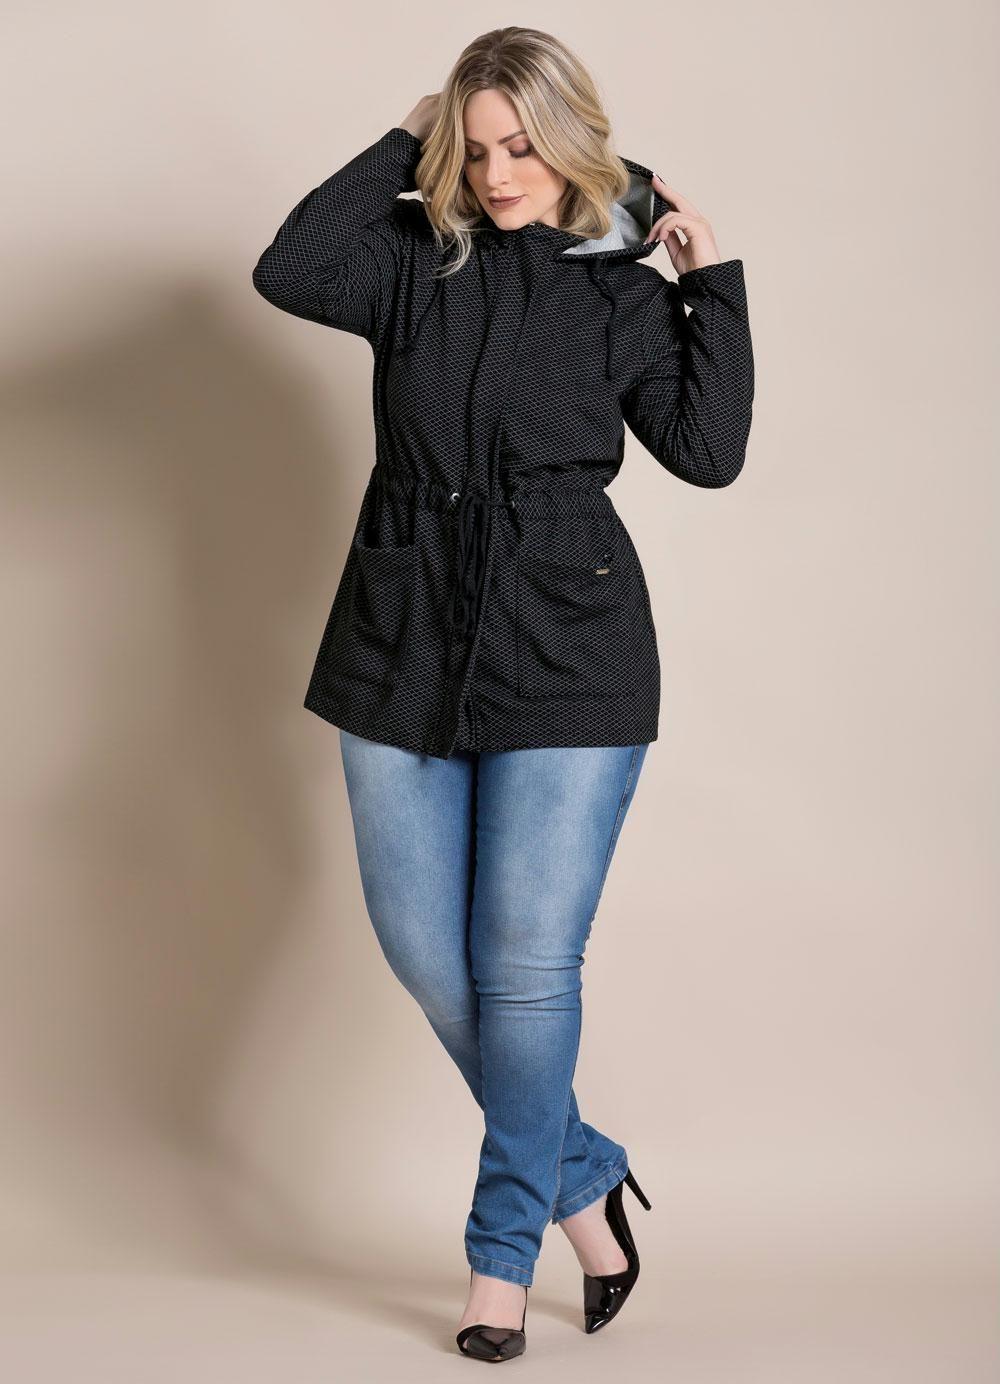 4d47a99ee Calça Jeans Cintura Alta Quintess Plus Size - Quintess | parka ...